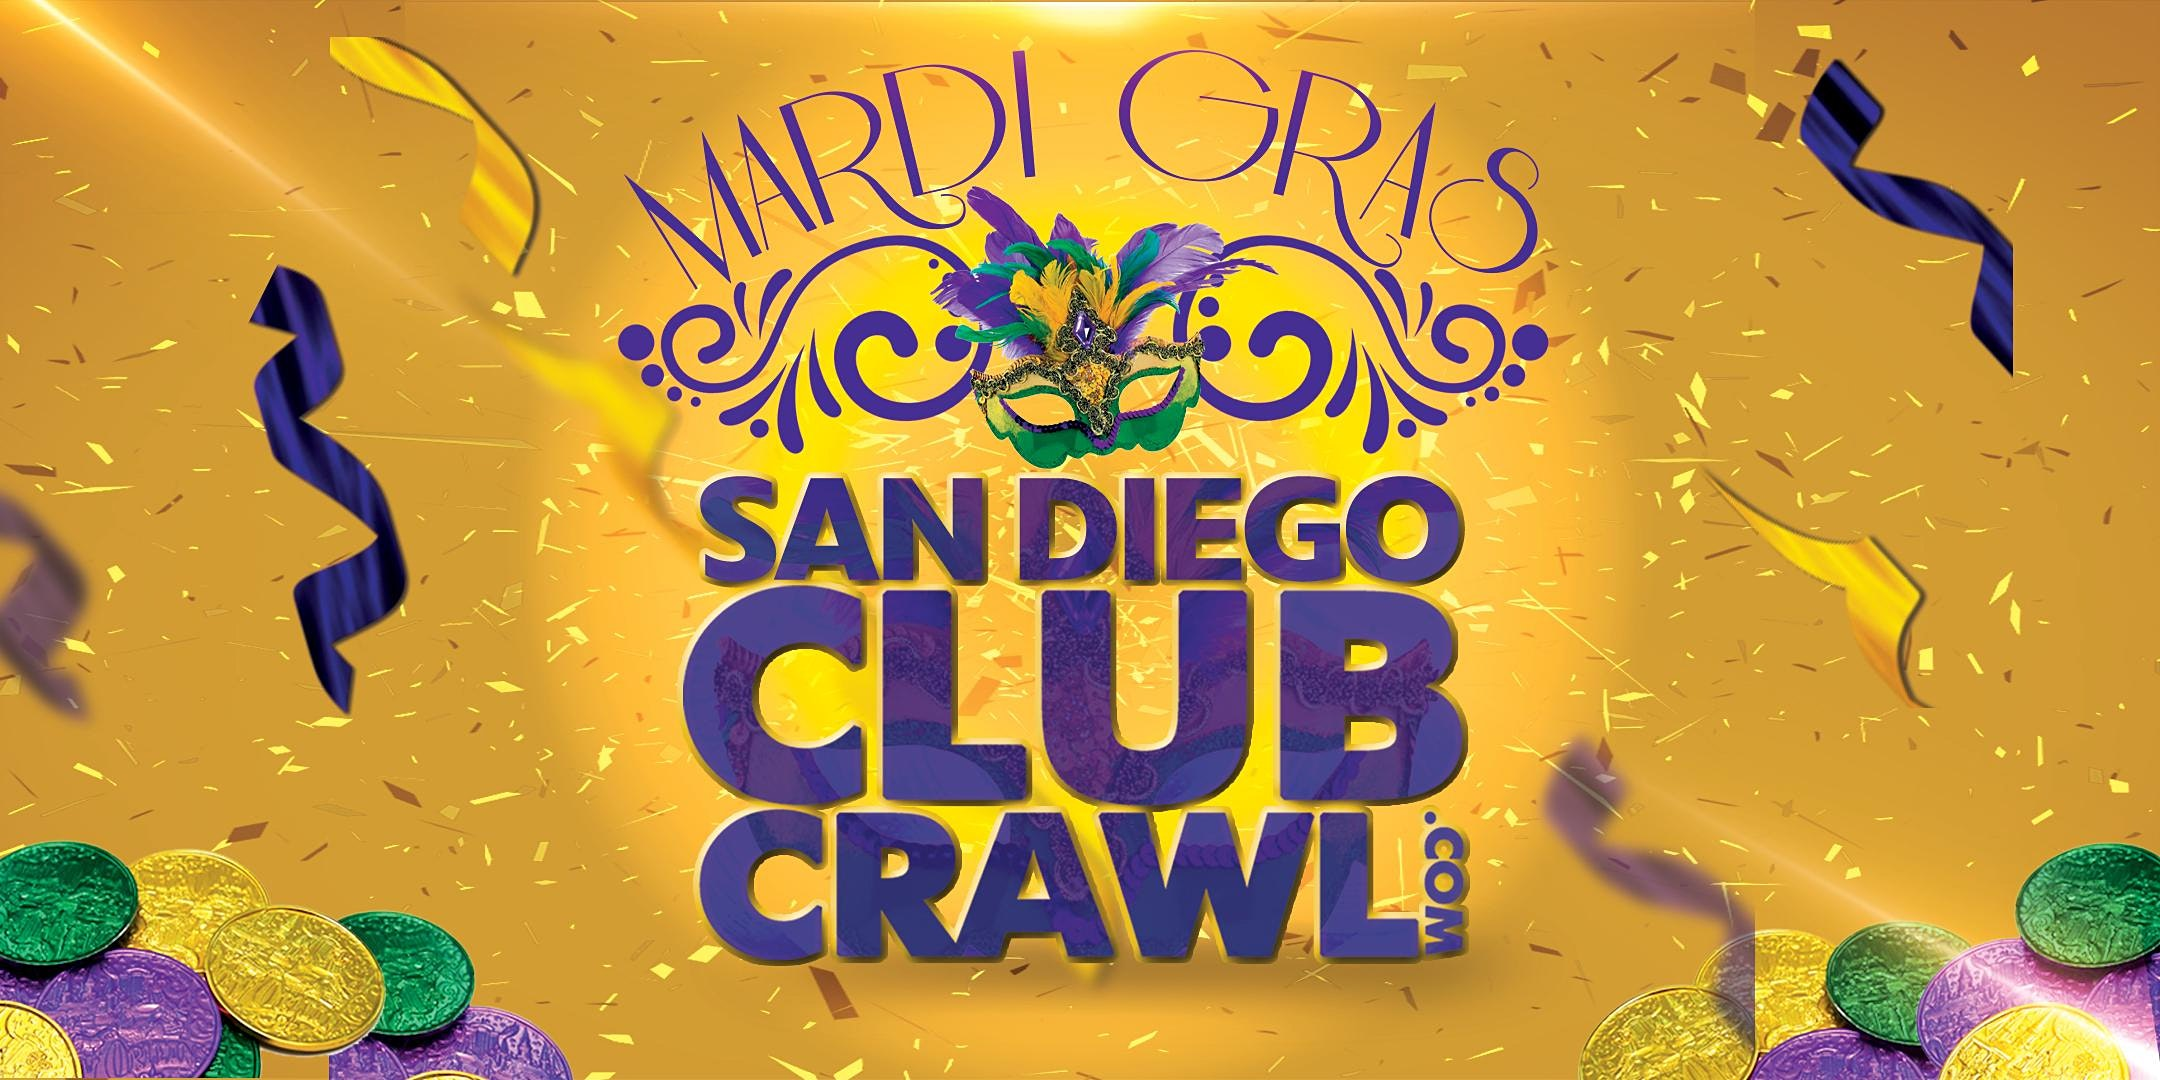 San Diego MARDI GRAS Club Crawl - Guided Bar and Nightclub Crawl